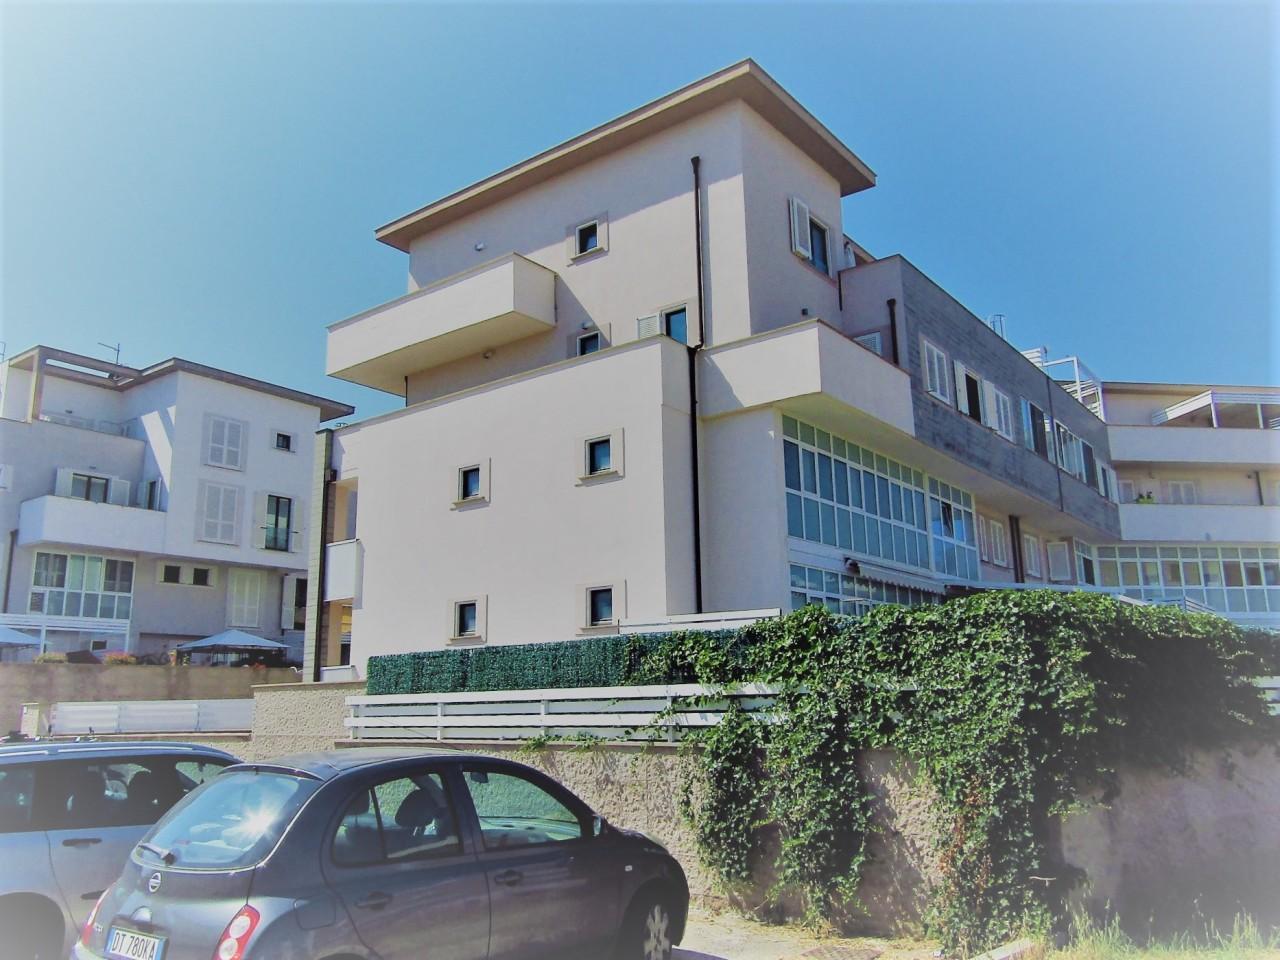 Appartamento in vendita a Livorno, 4 locali, prezzo € 235.000 | CambioCasa.it